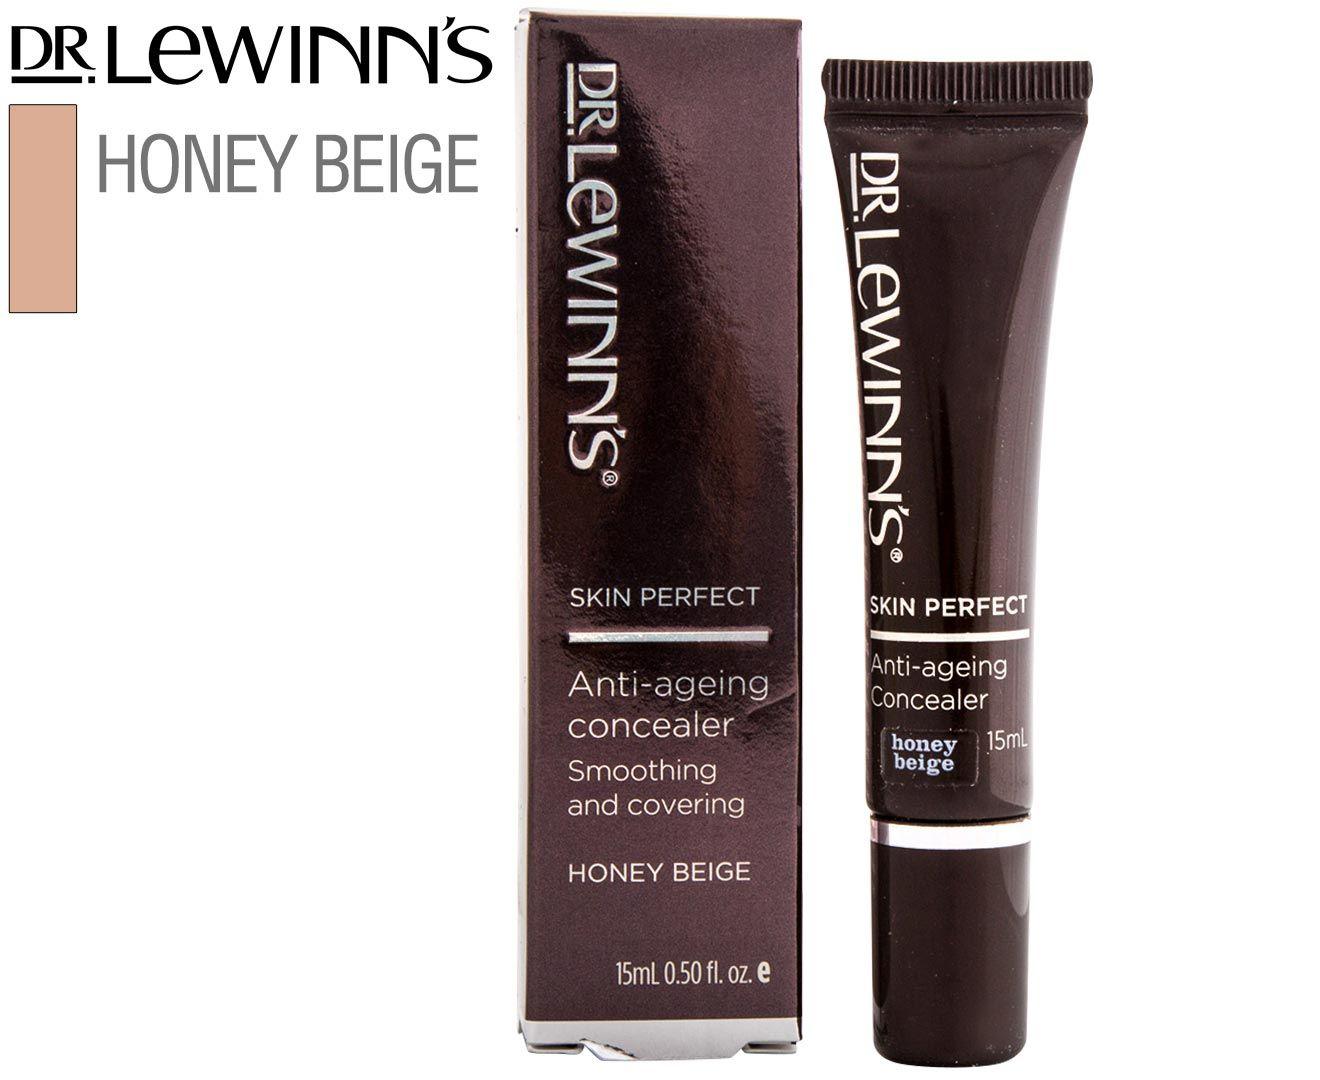 Dr Lewinns Skin Perfect Anti-Ageing Concealer Honey Beige